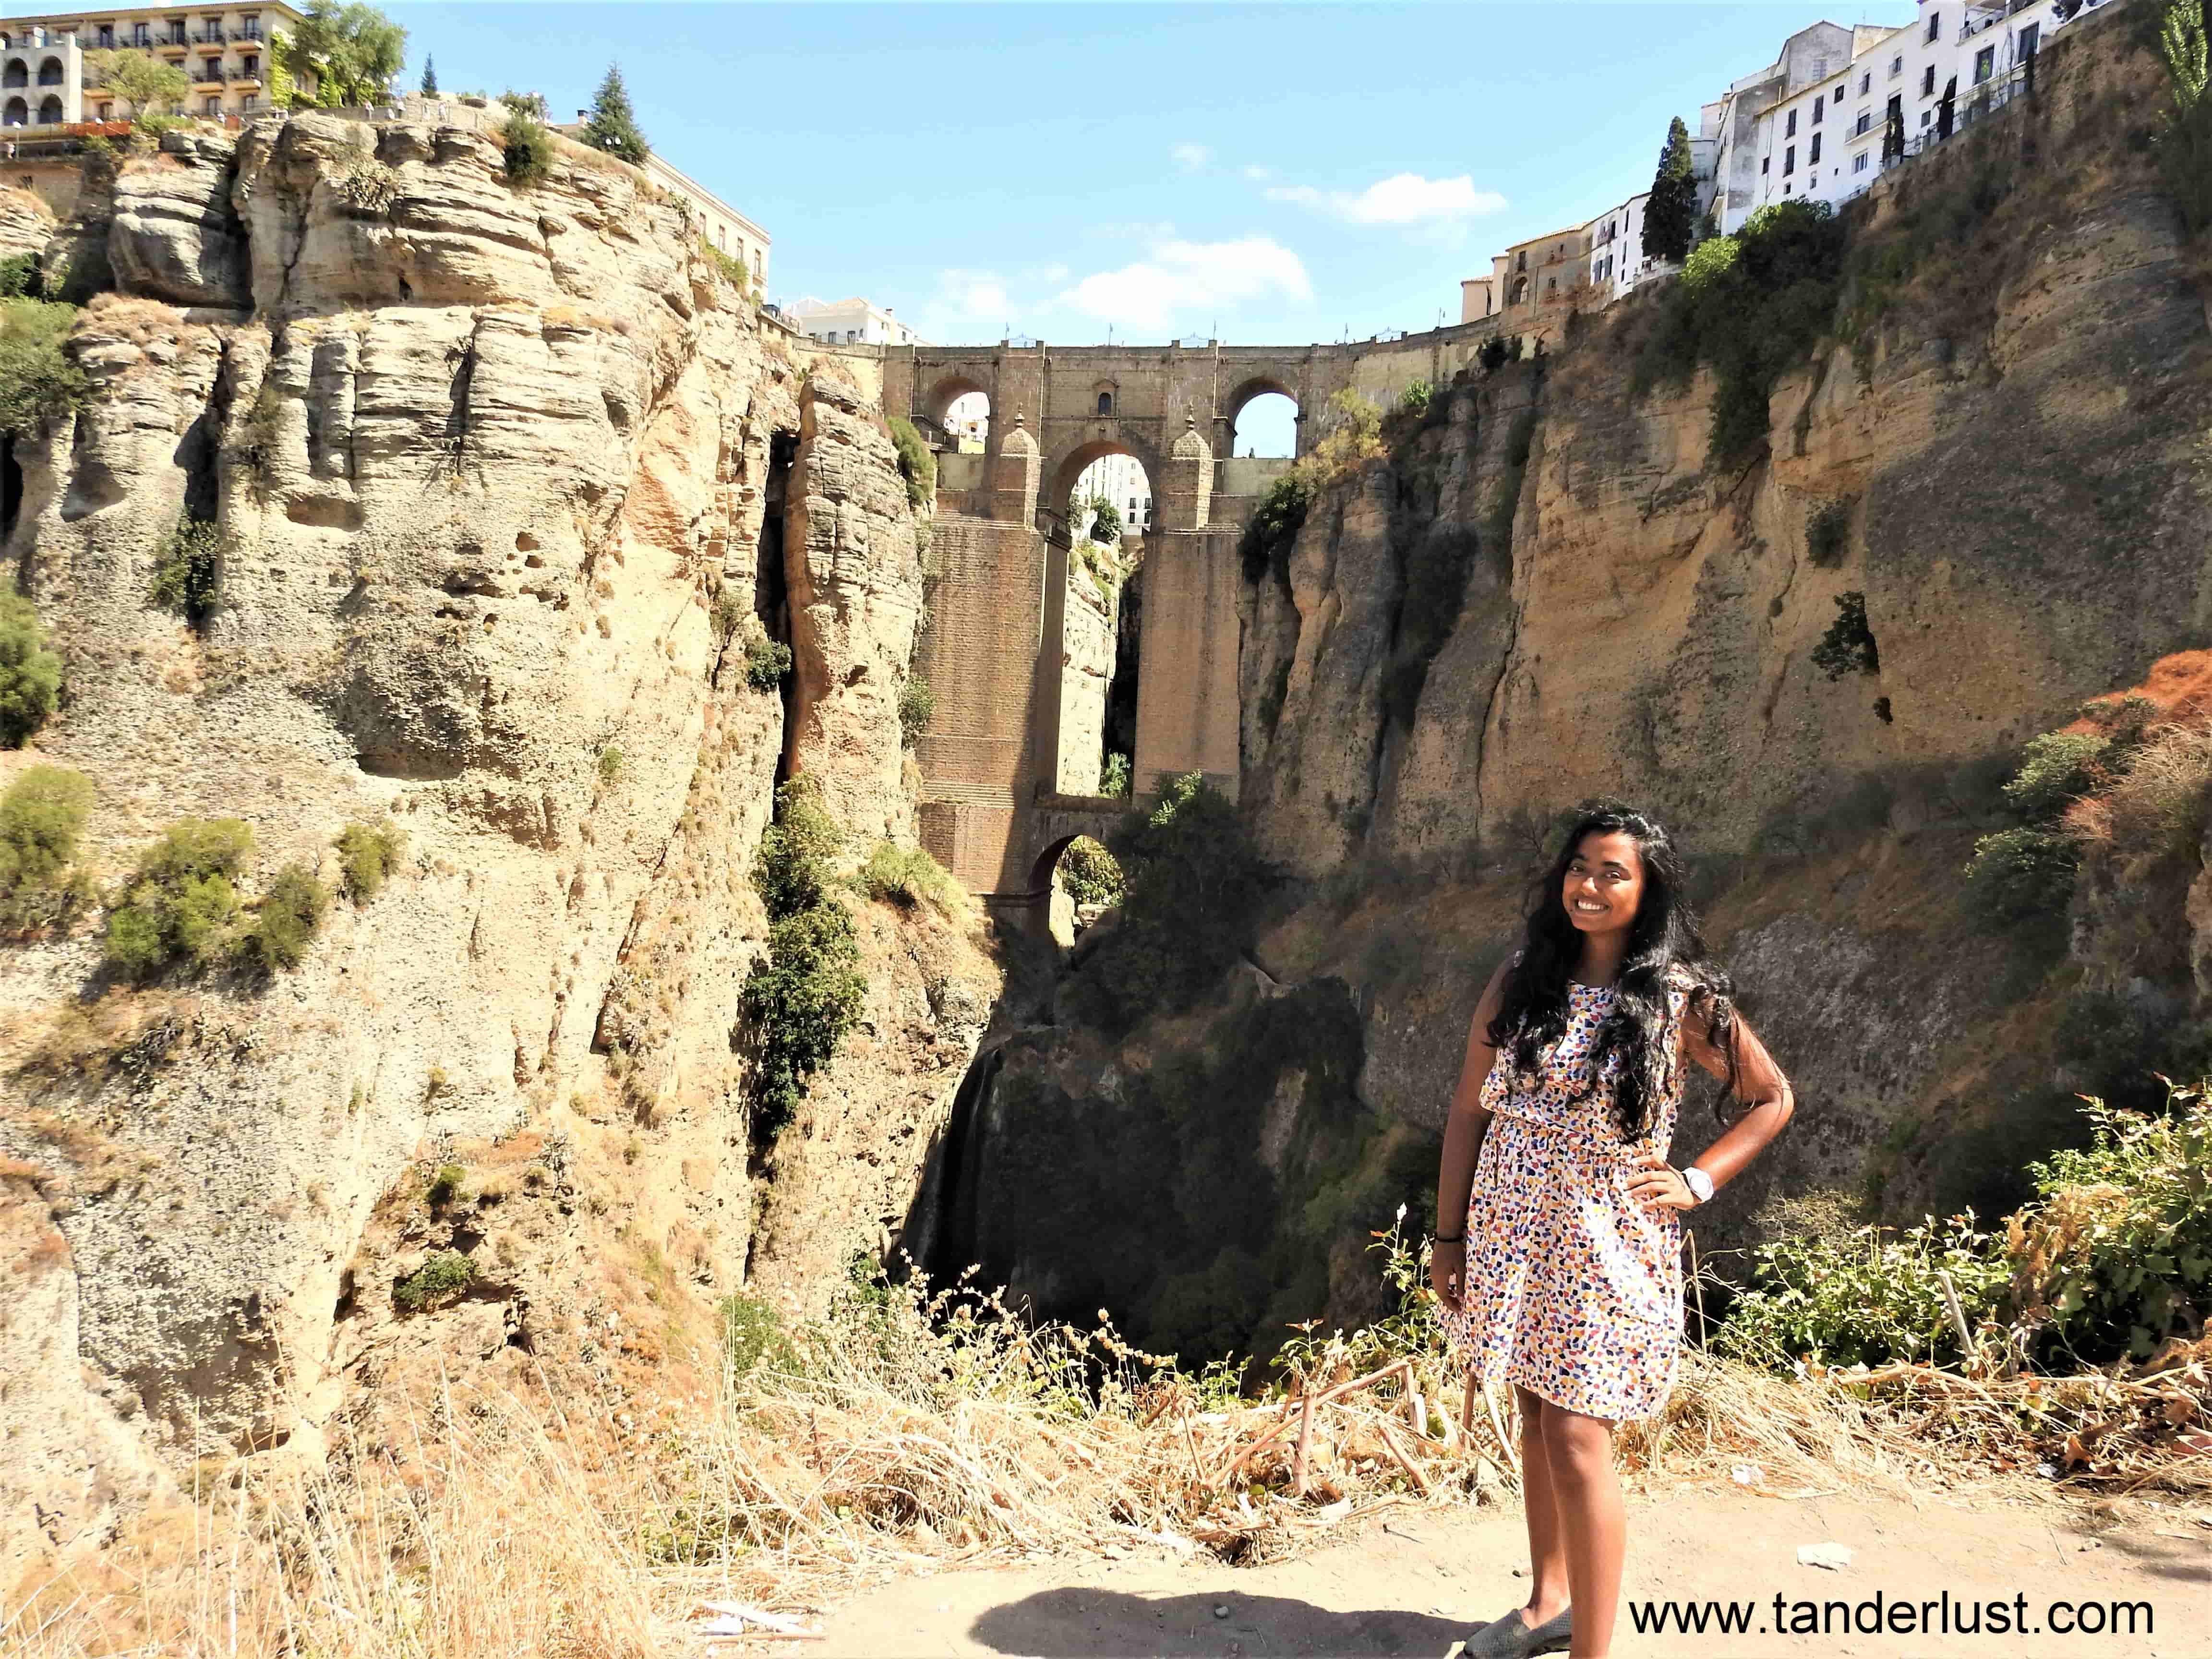 Puente Nuevo – The bridge for which I headed to Ronda!